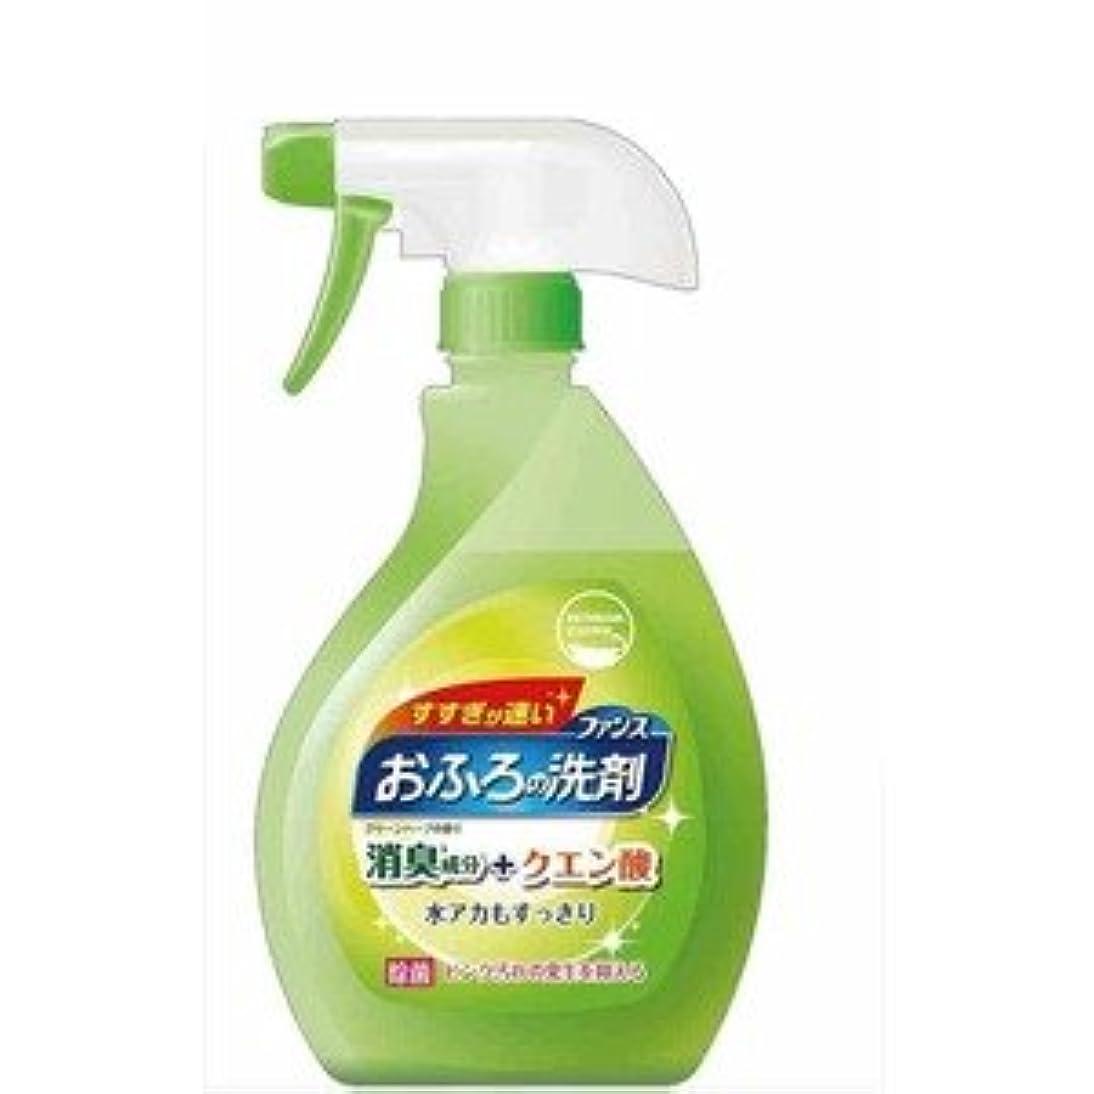 注釈を付けるますます代わってルーキー泡おふろの洗剤つめかえ用350ml 【(20本×10ケース)合計200本セット】 30-604